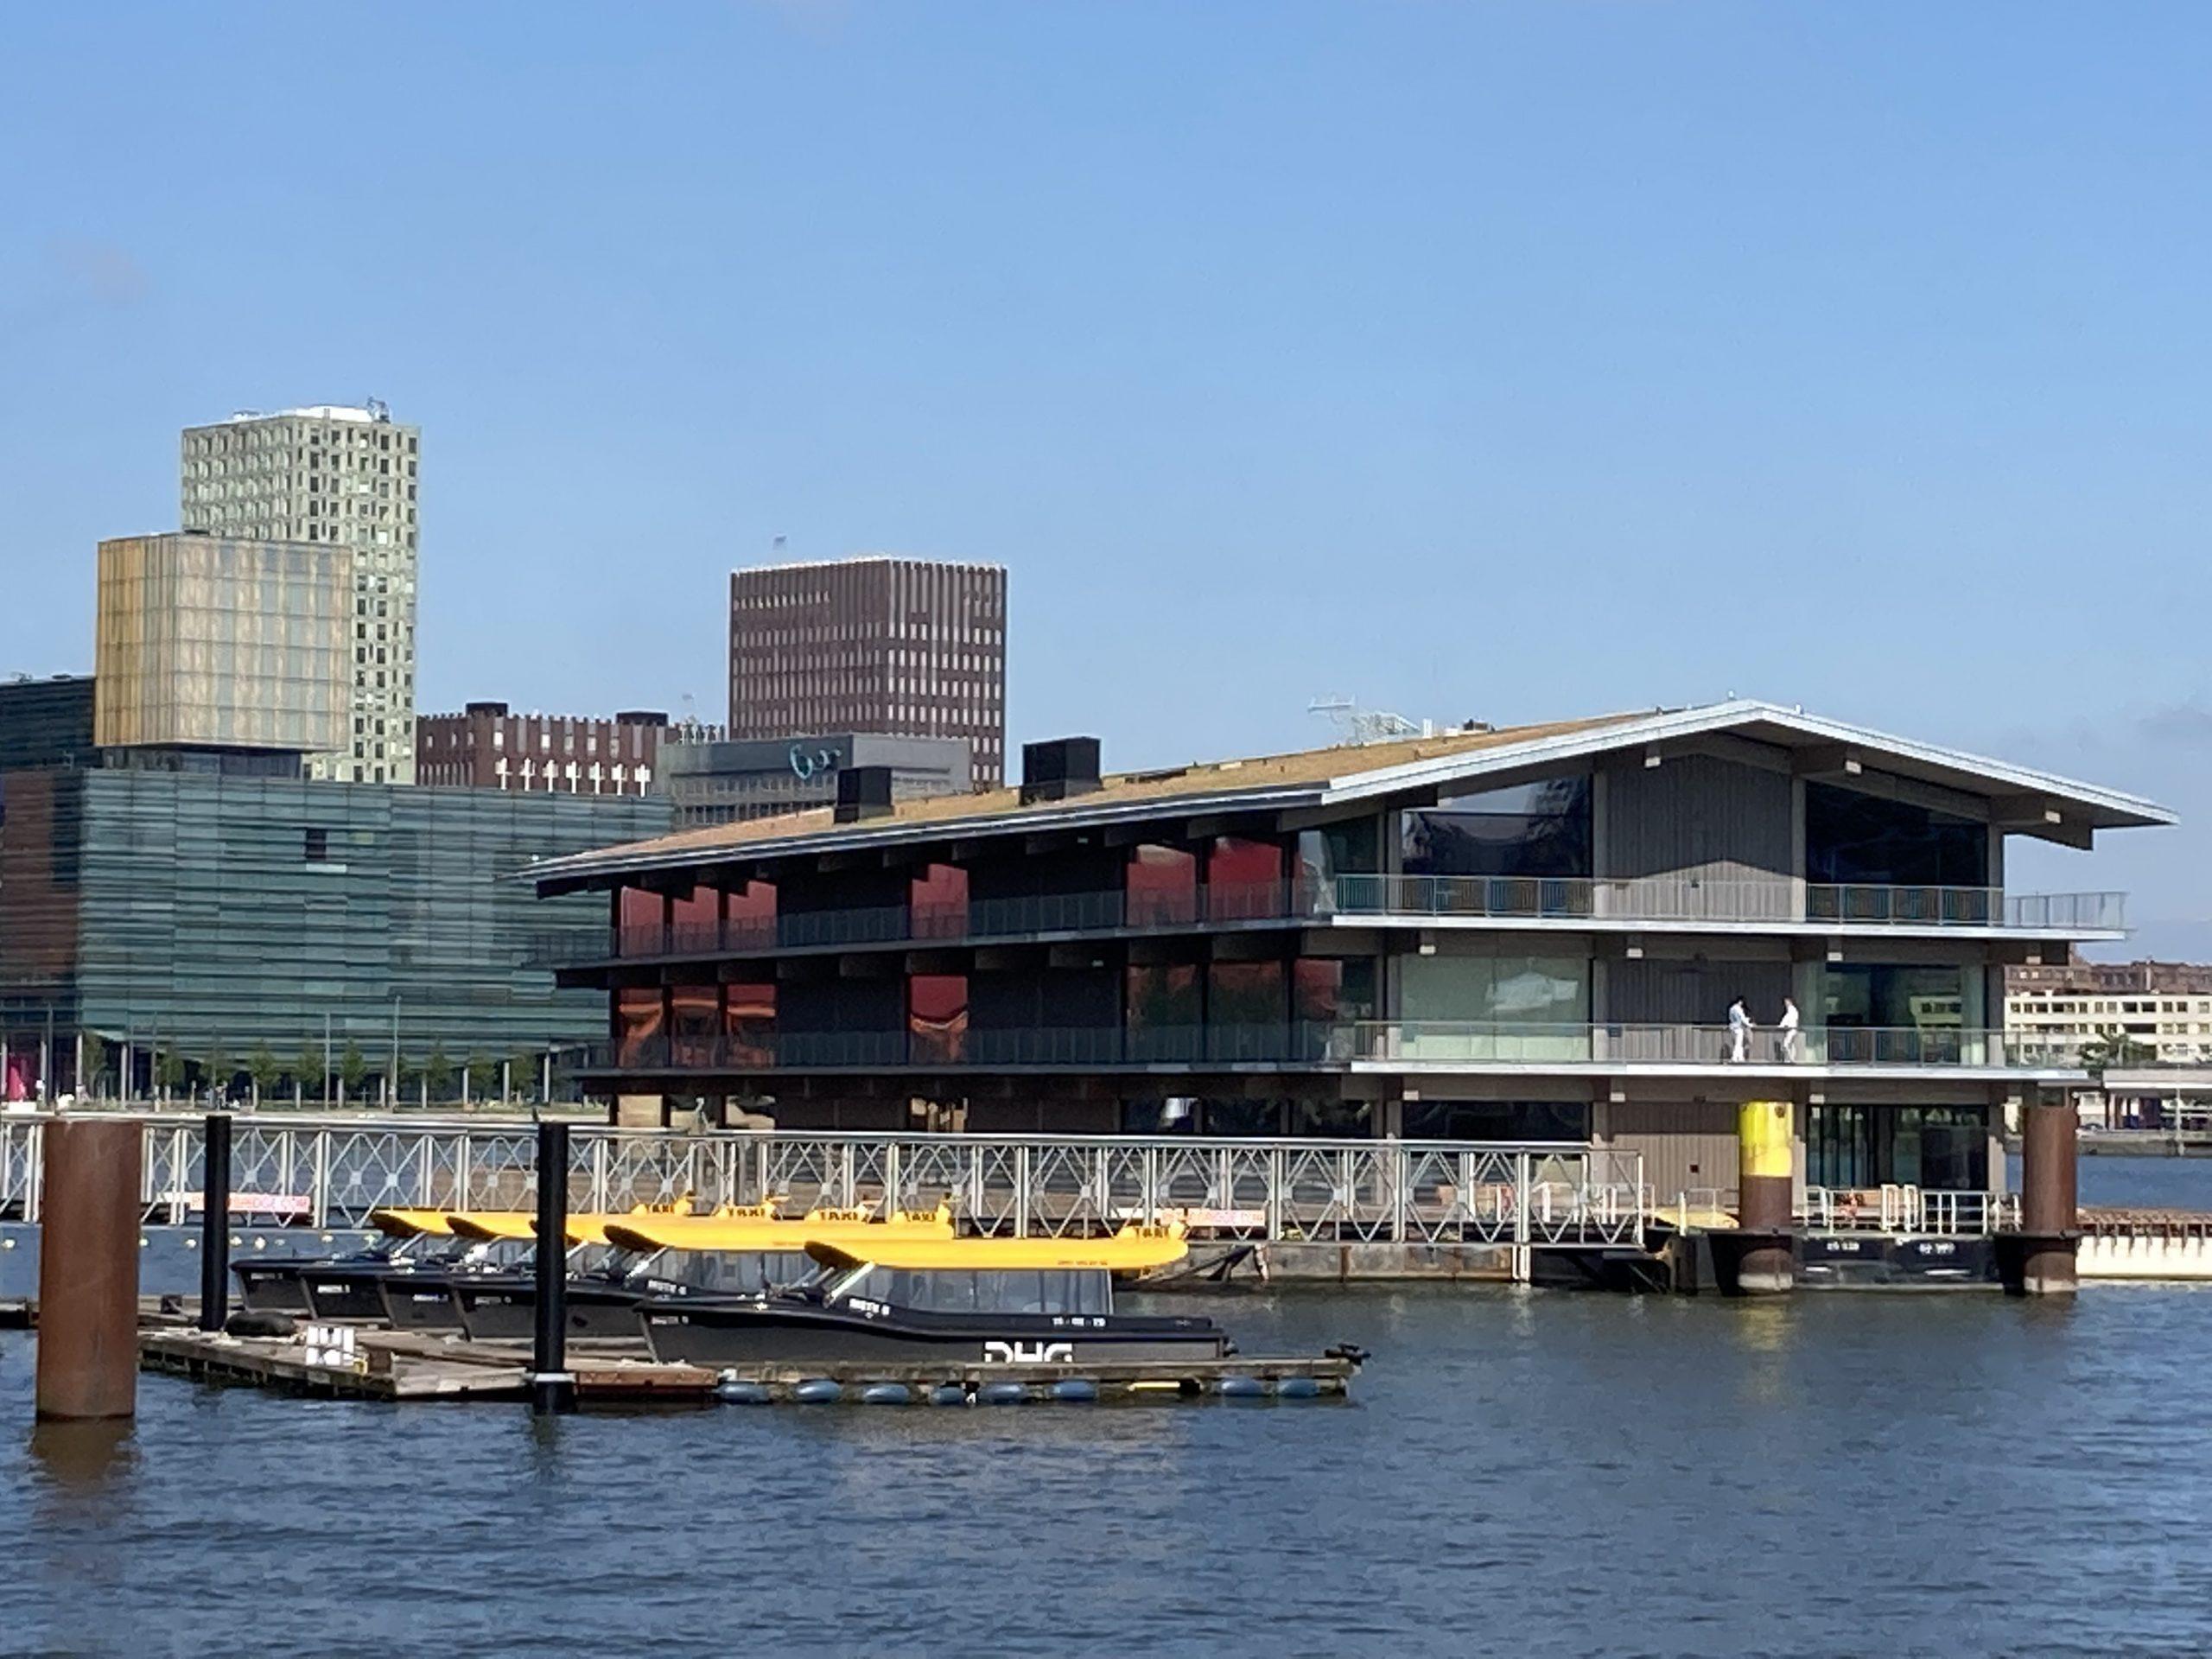 Startmotor gebouw in Rotterdam